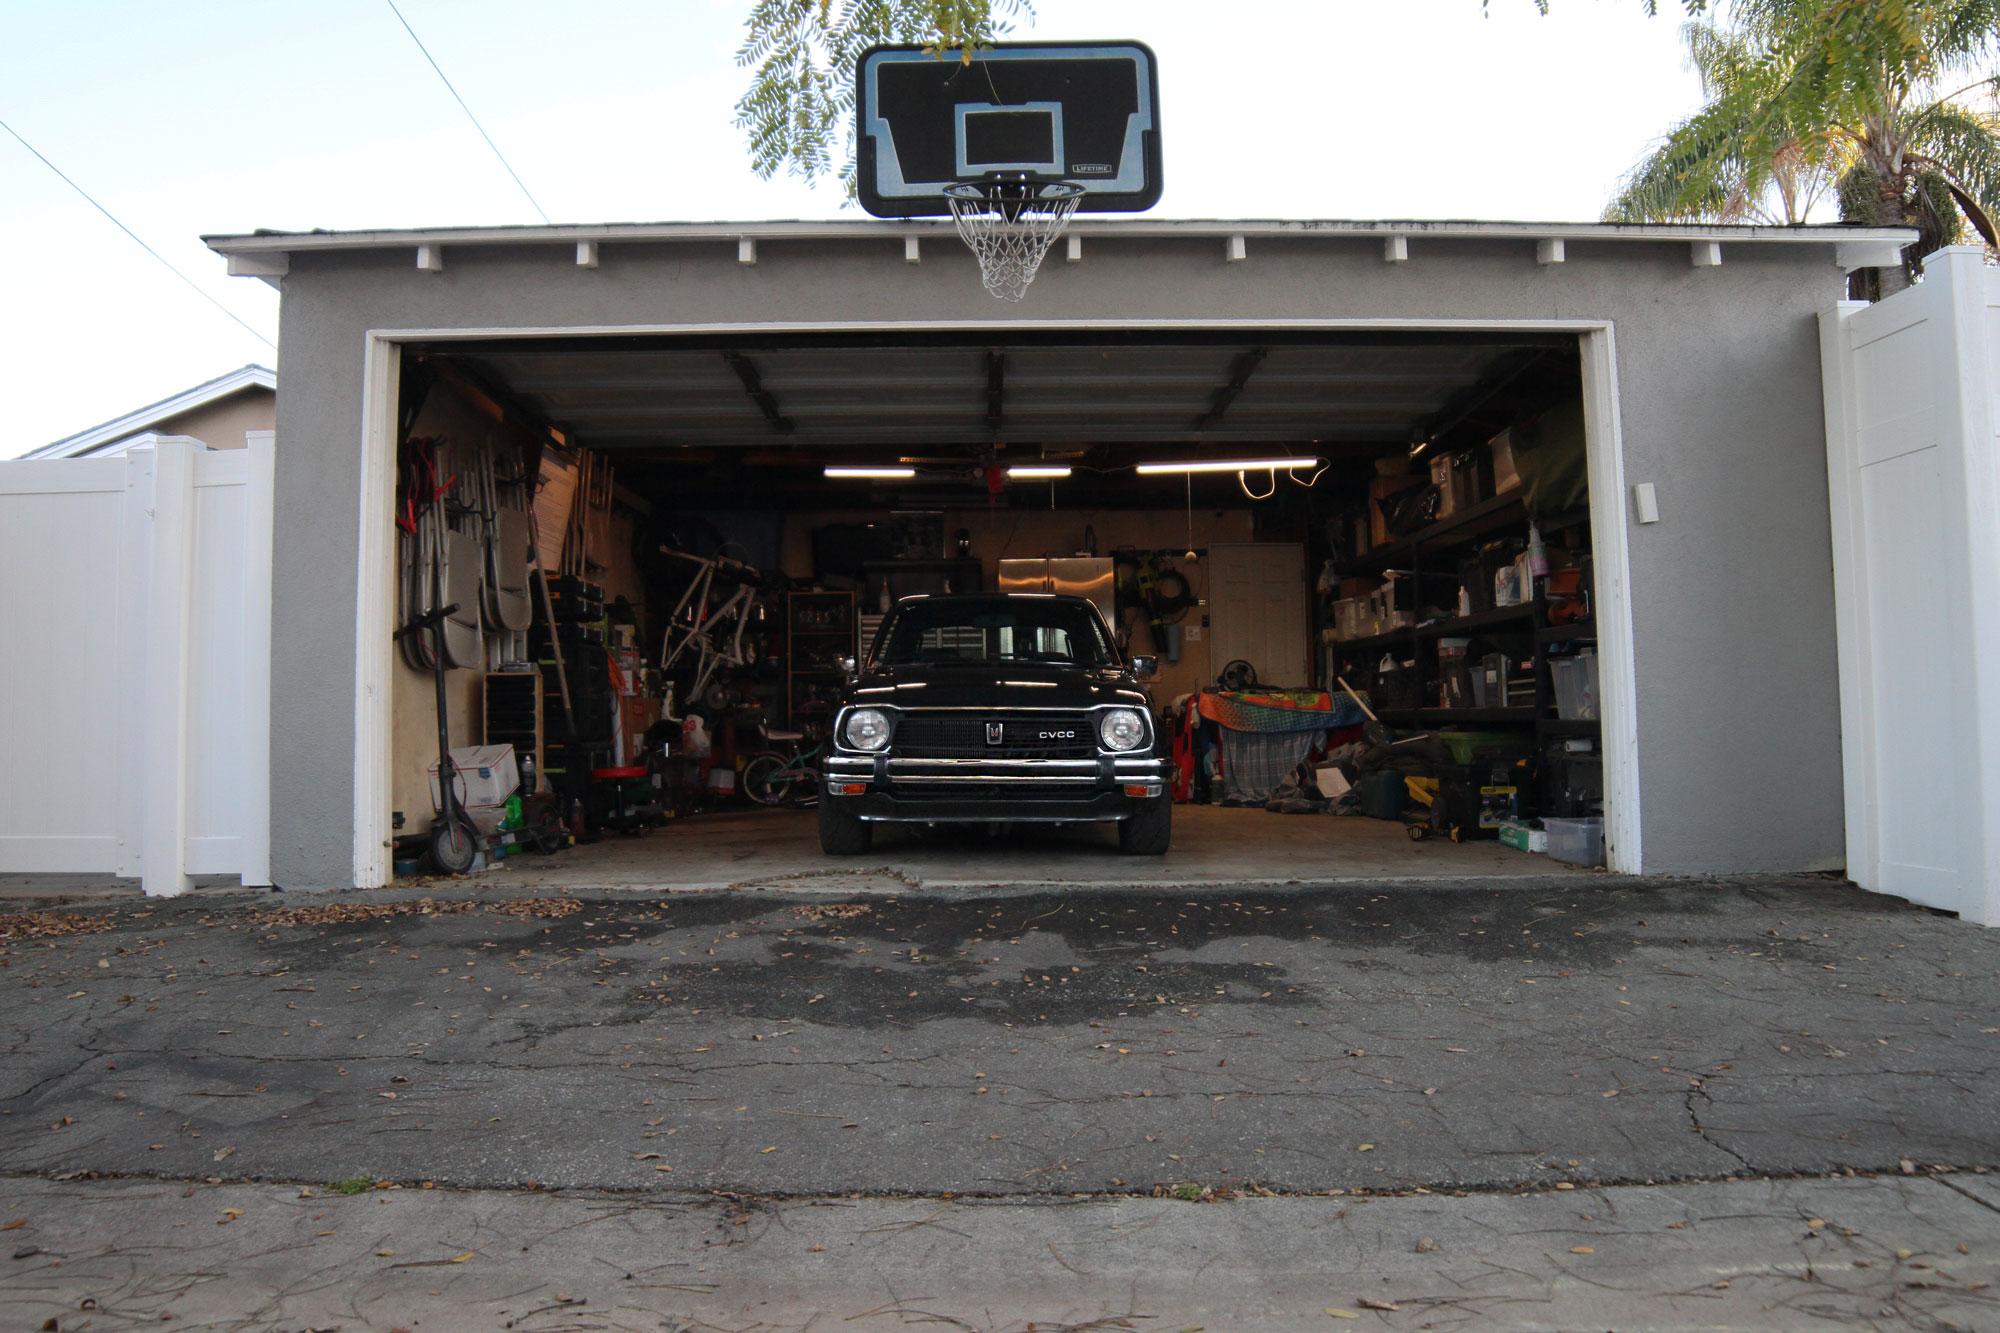 Honda Civic Cvcc 1978 i sitt garage